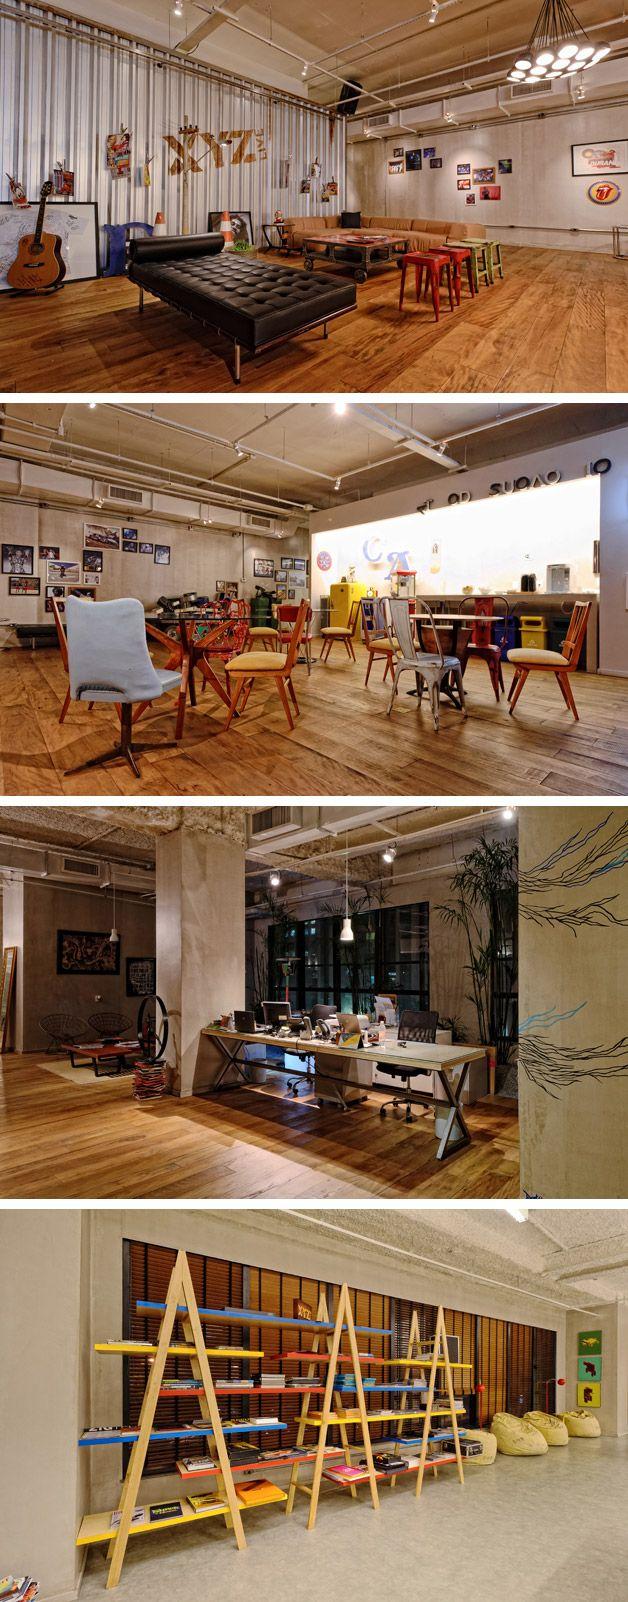 O escritório da empresa de conteúdo, entretenimento e esportes XYZ Live fica no famoso Edifício Dacon e temambientes como estúdio, pista com DJ, sala com grama sintética, que remetem aos pilares de atuação da empresa.